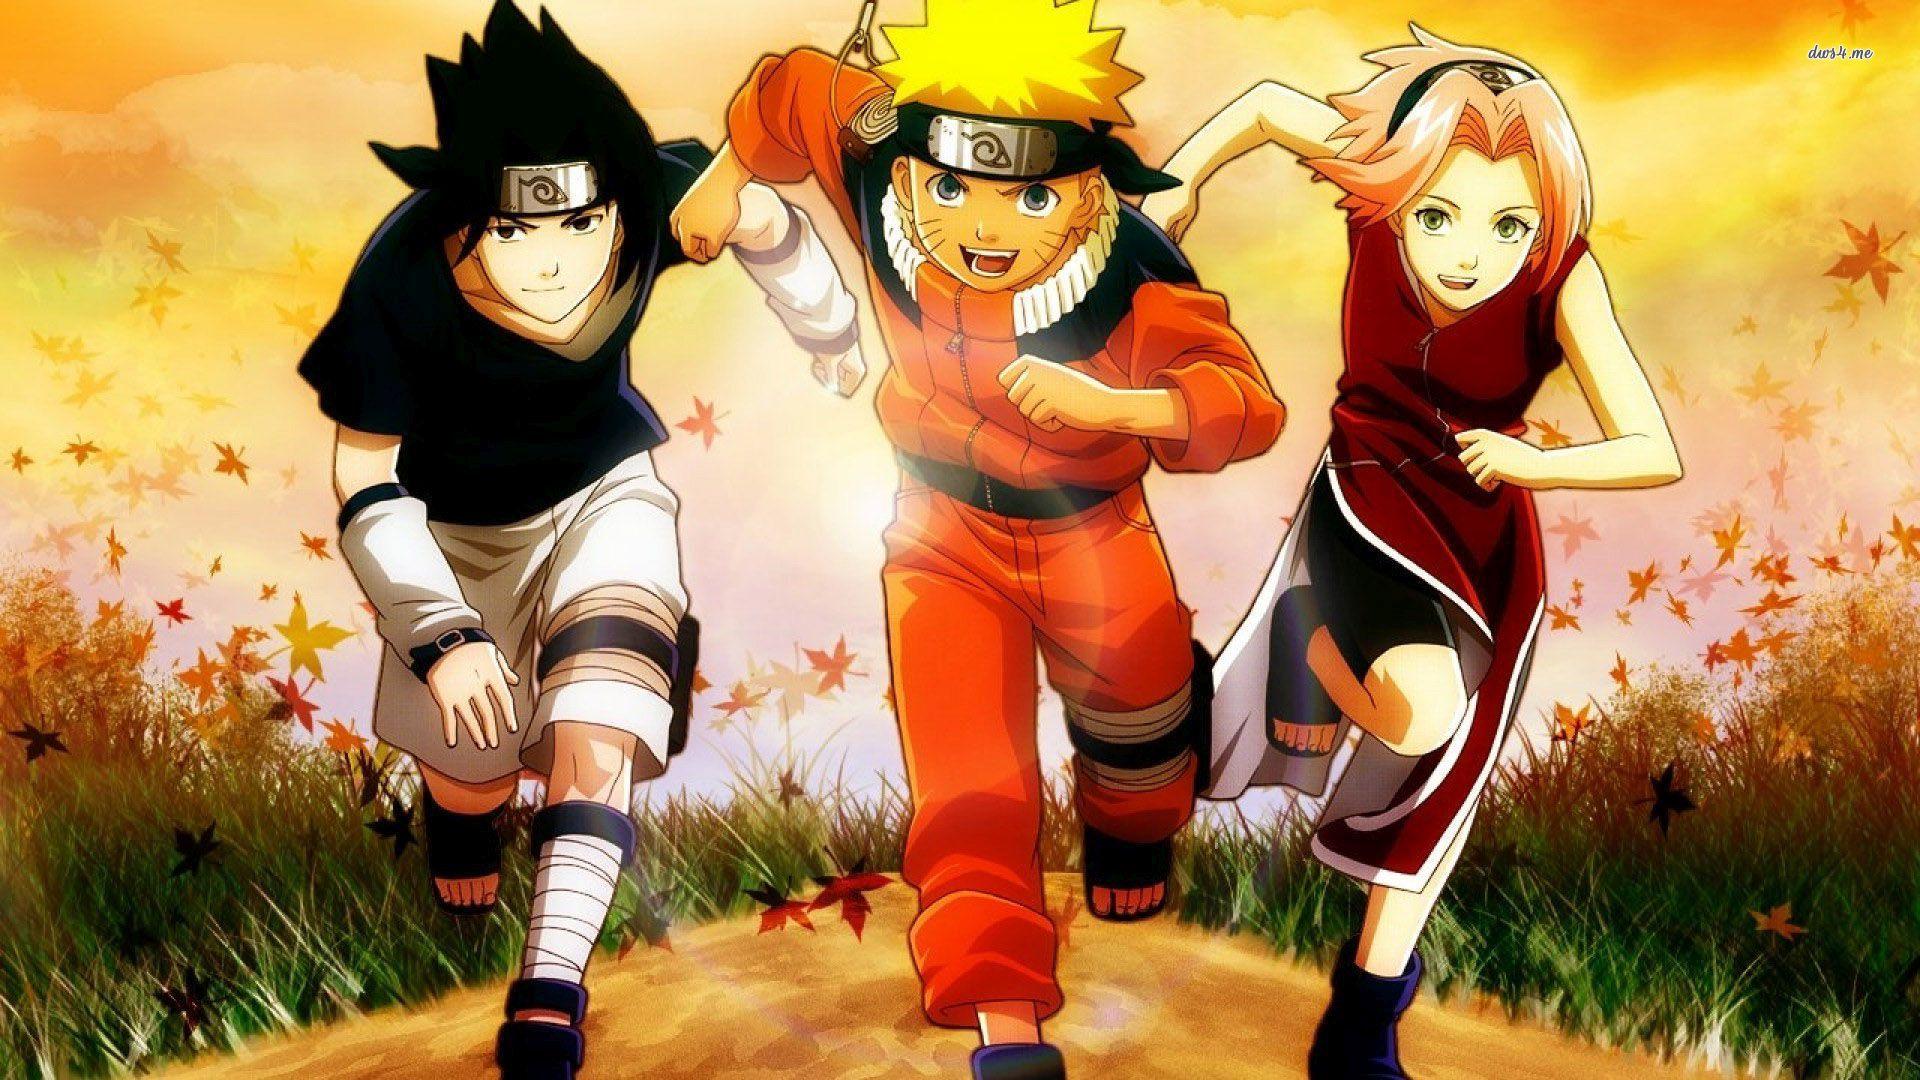 ... Naruto Wallpaper Naruto Wallpaper